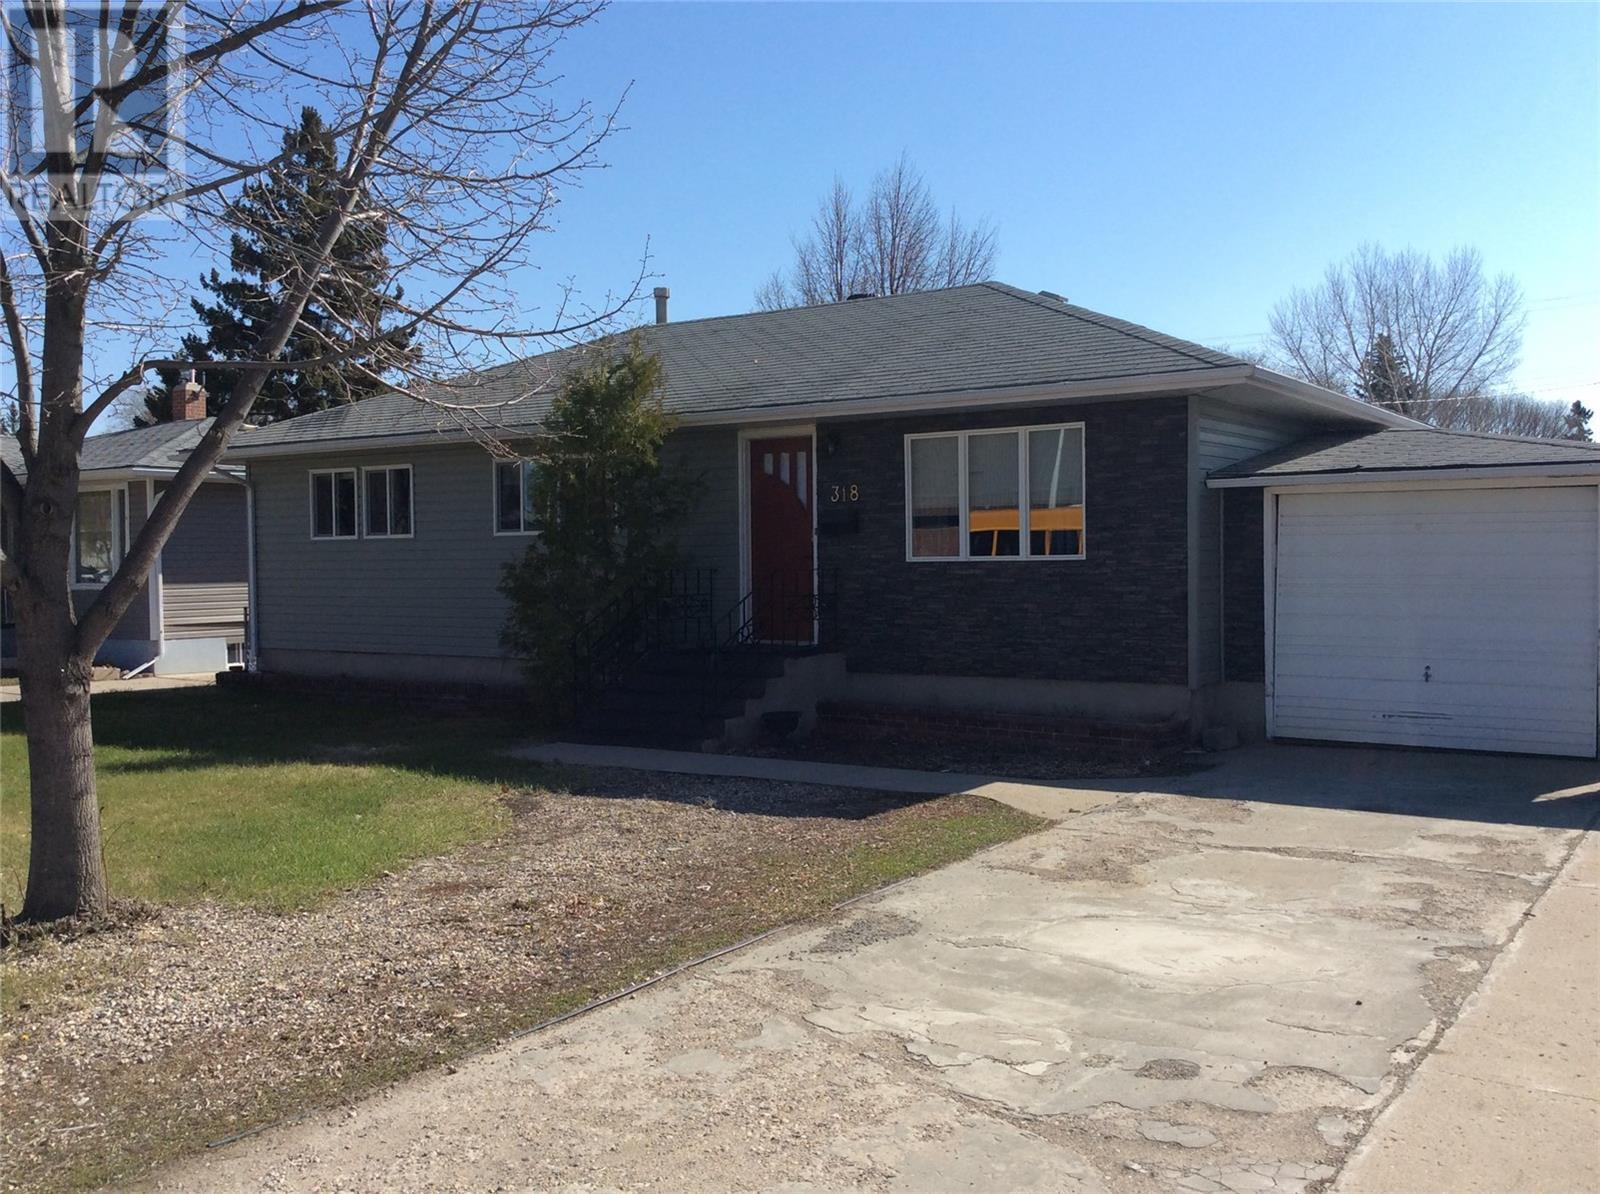 318 Q AVE N, saskatoon, Saskatchewan